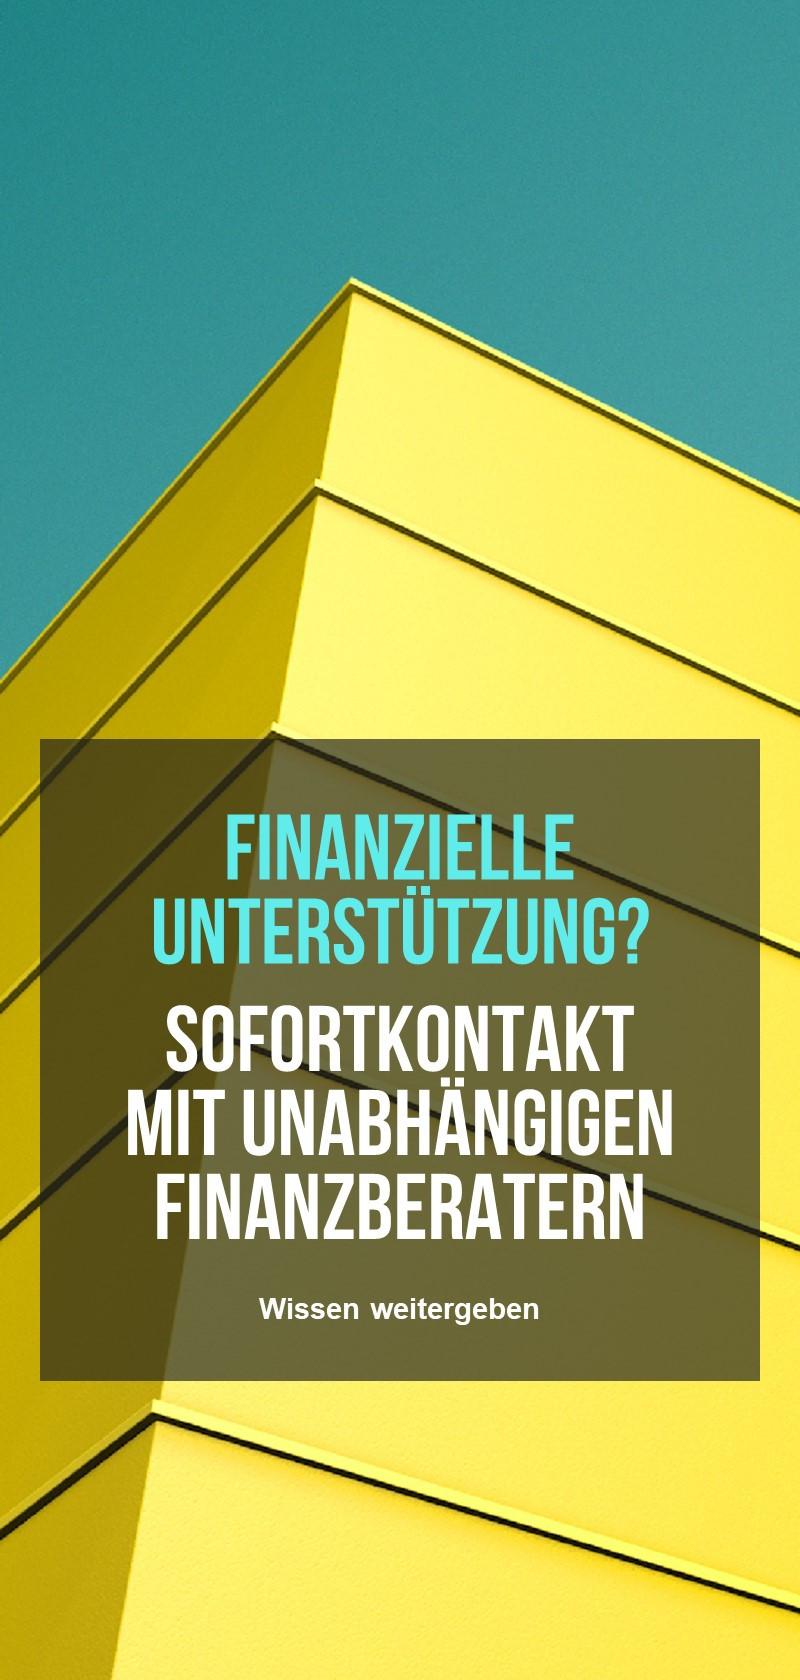 Online-Finanzberater